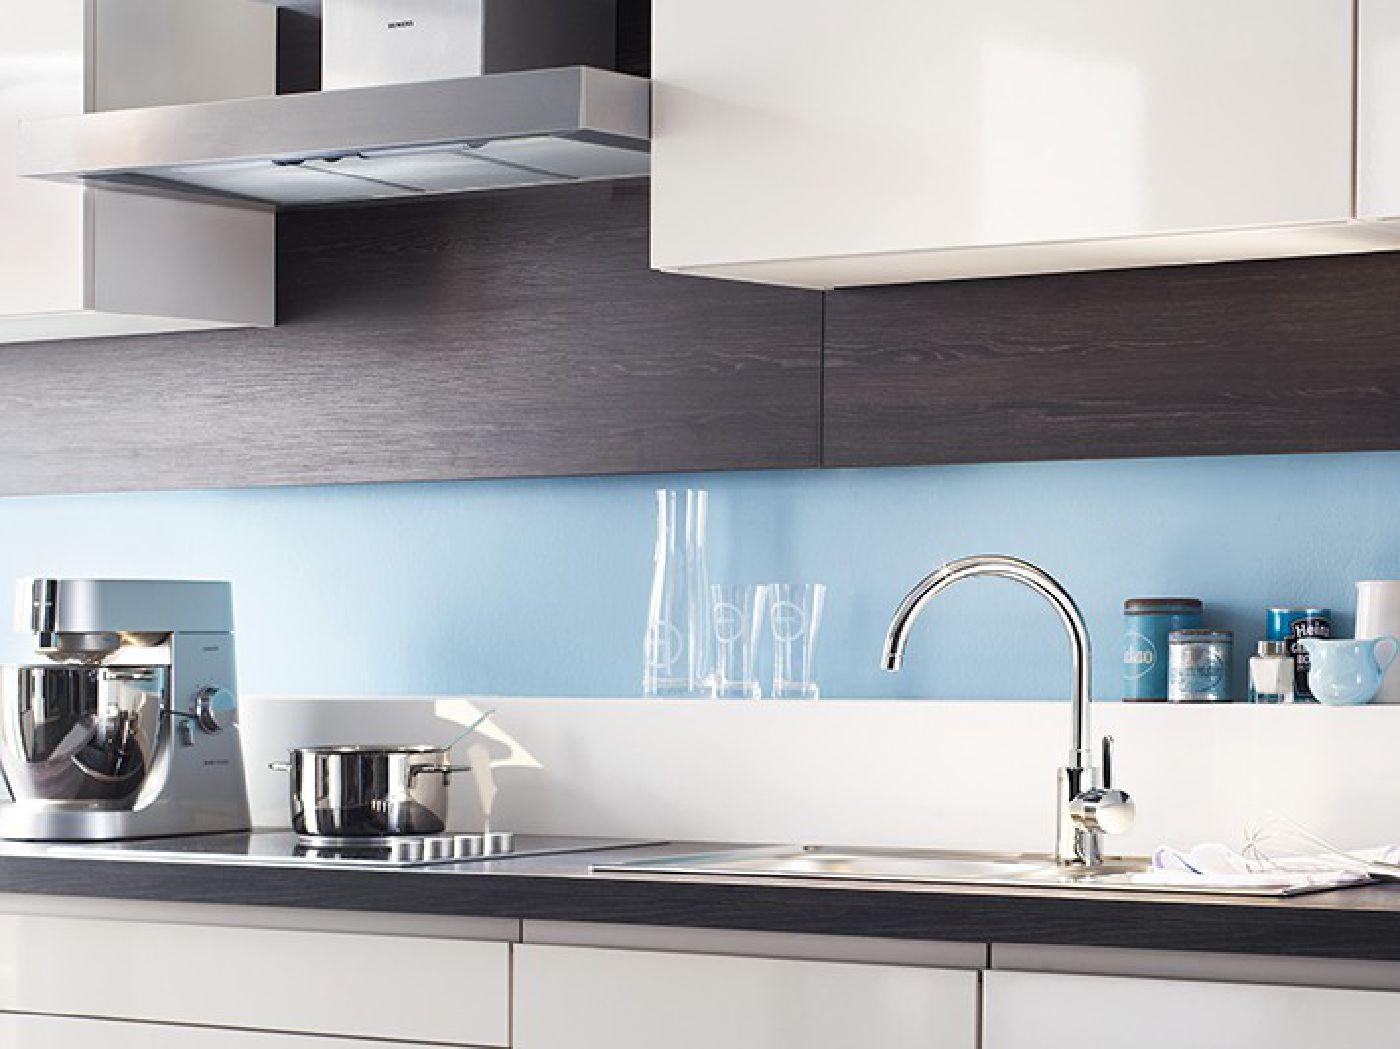 grohe-kueche-design-kchenarmaturen-1400x1049-22.jpg | {Armaturen küche grohe 40}